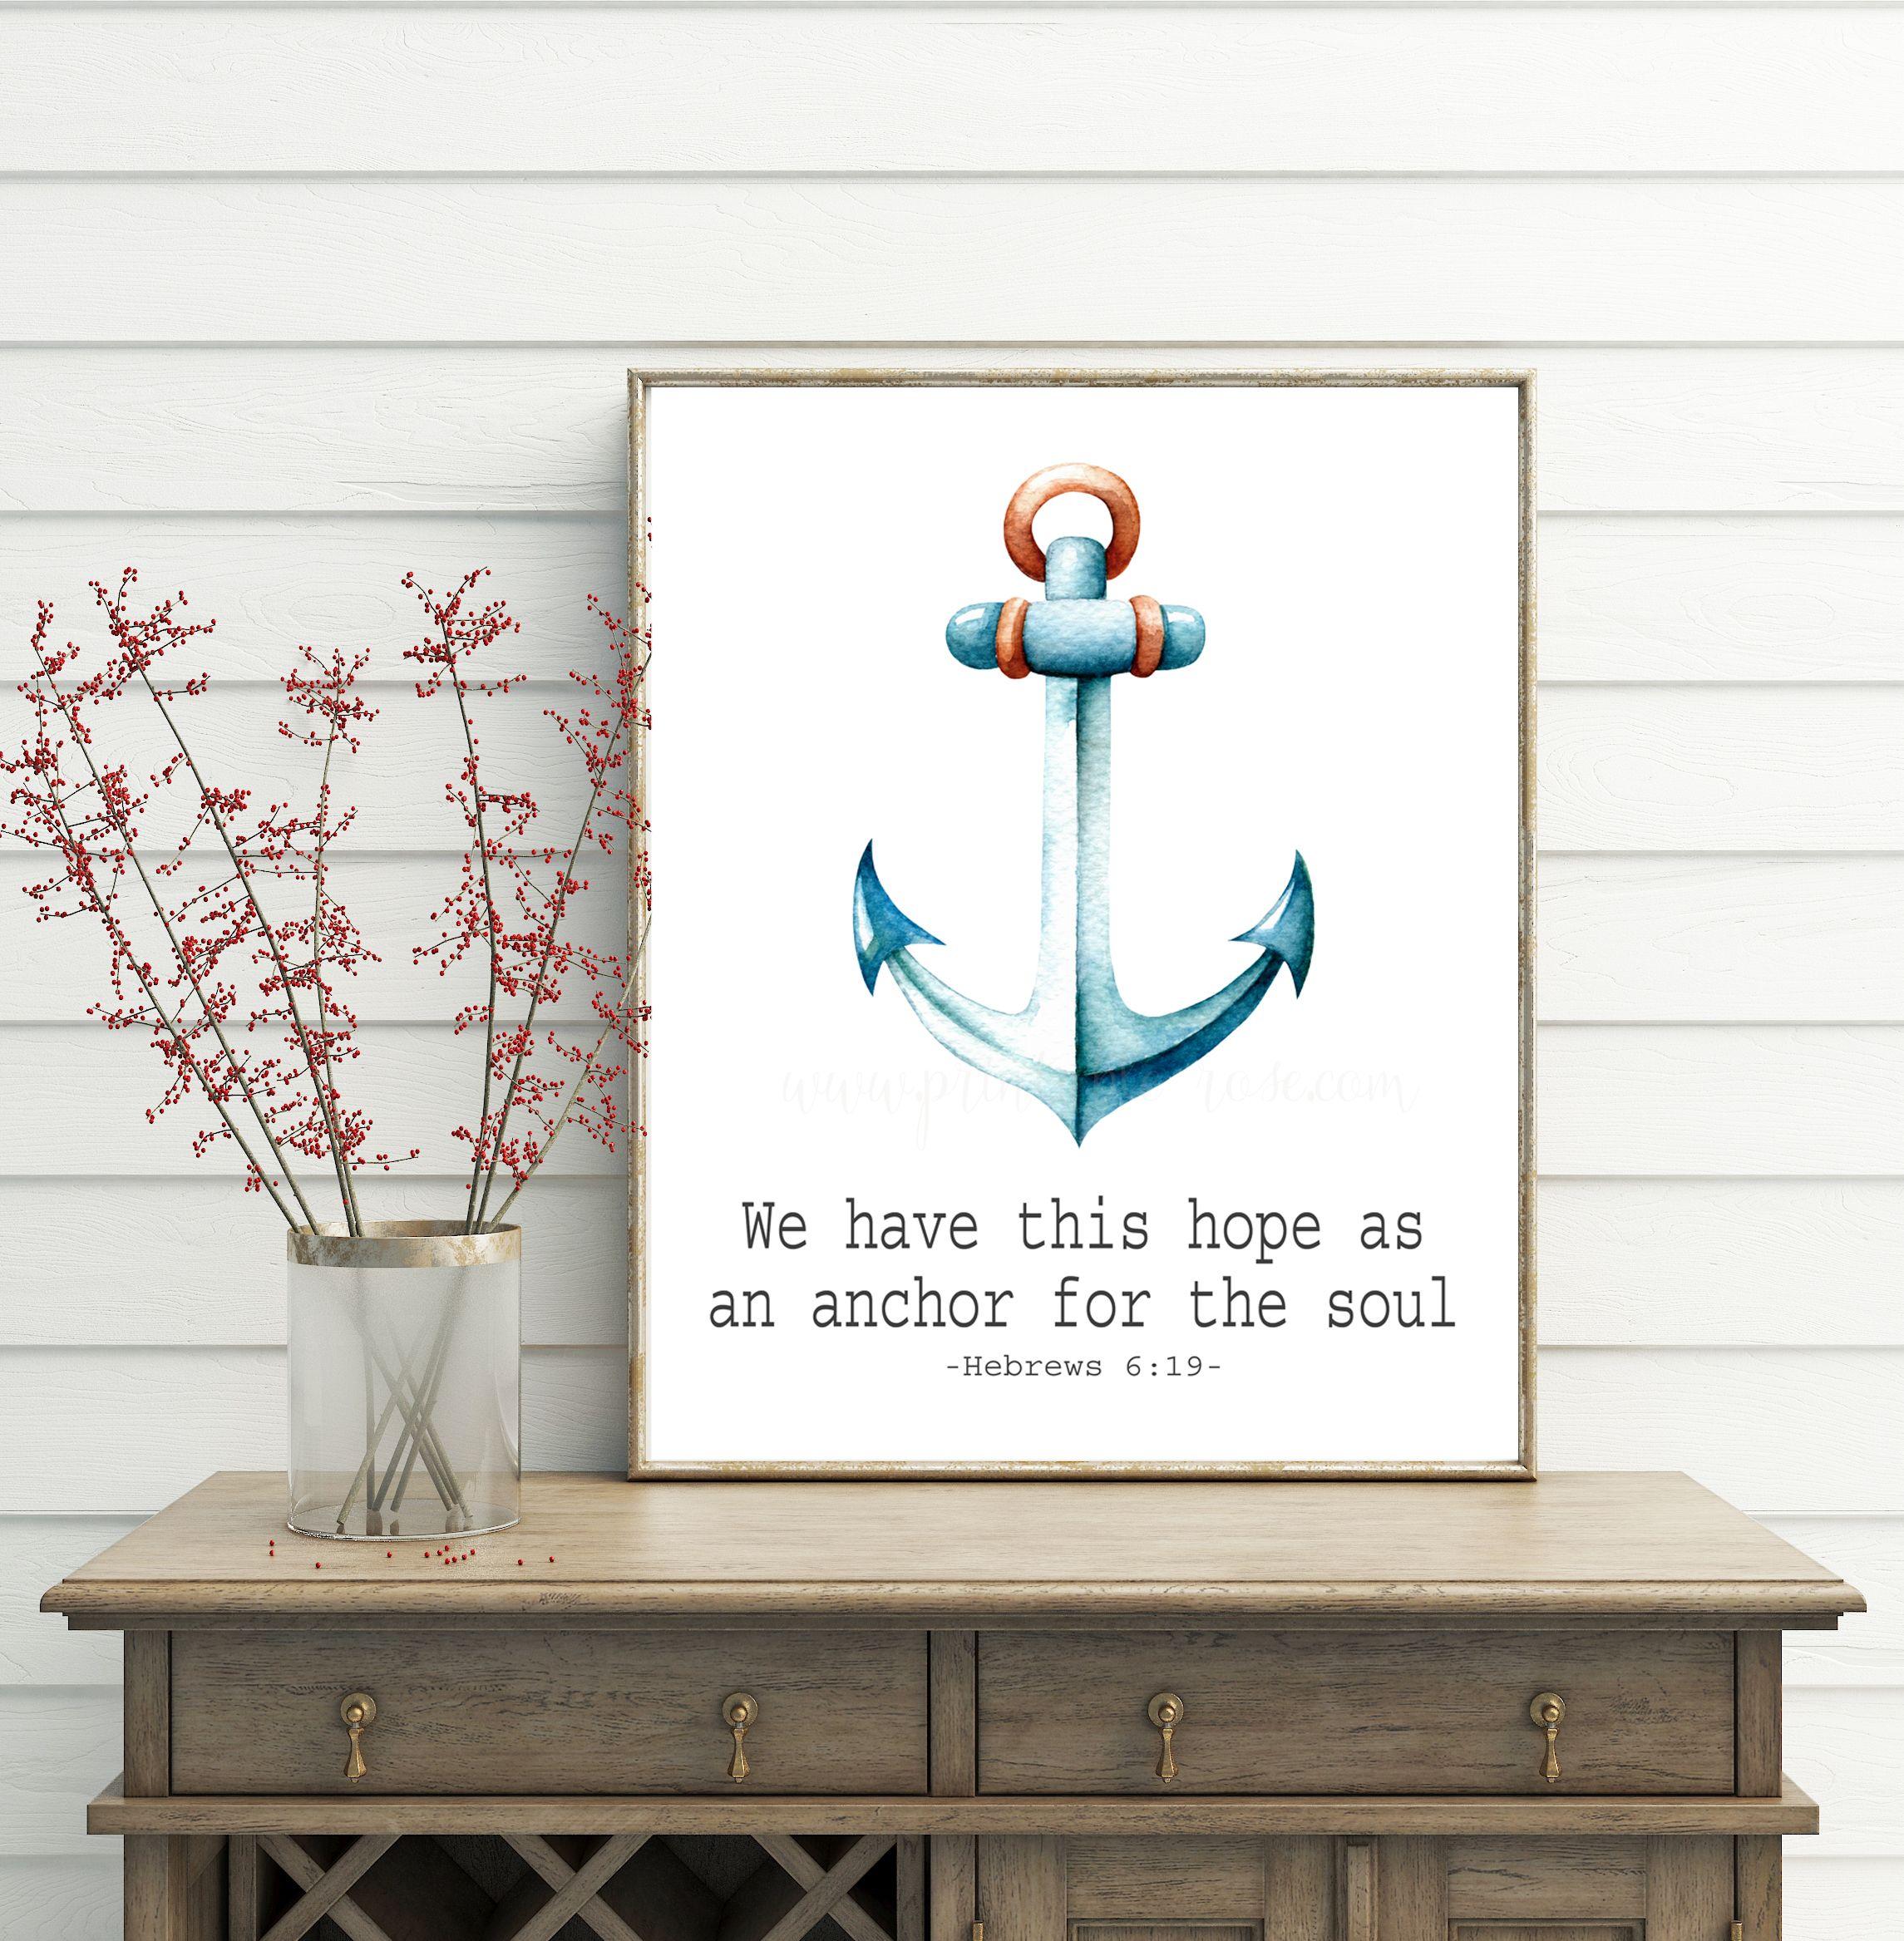 Hebrews 6 19 Beach Decor Bible Verse Wall Art Inspirational Printable Anchor Wall Decor Bible Verse Wall Art Anchor Wall Decor Nautical Decor Living Room